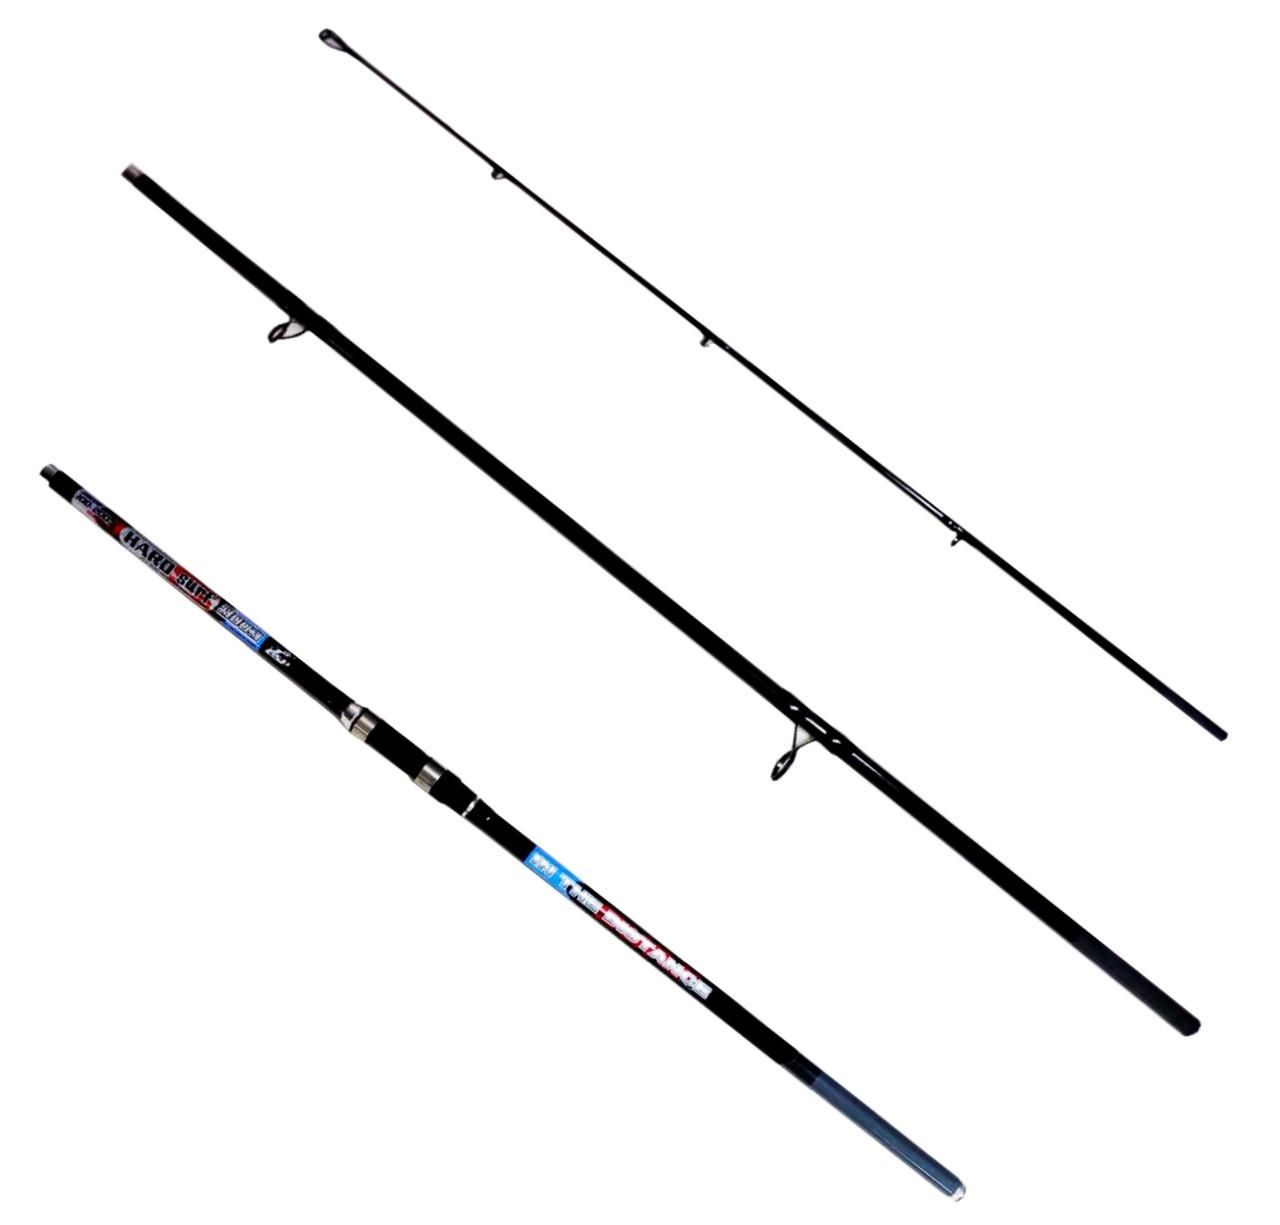 Kit Pesca De Praia Vara 3,60m 50lb, Molinete 5000, Linha